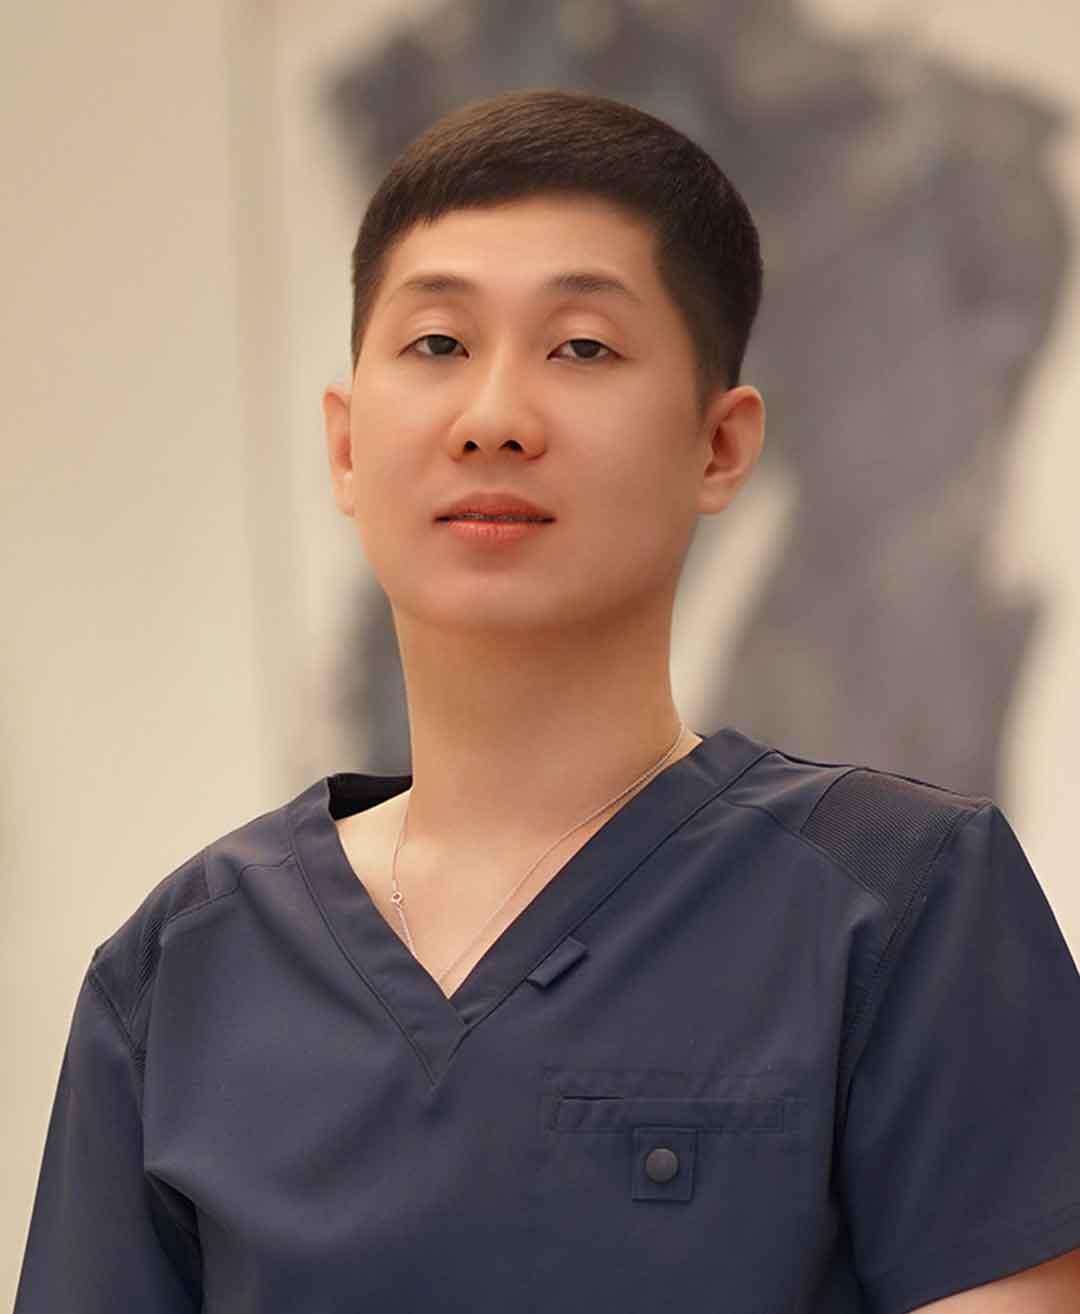 دكتور لونج